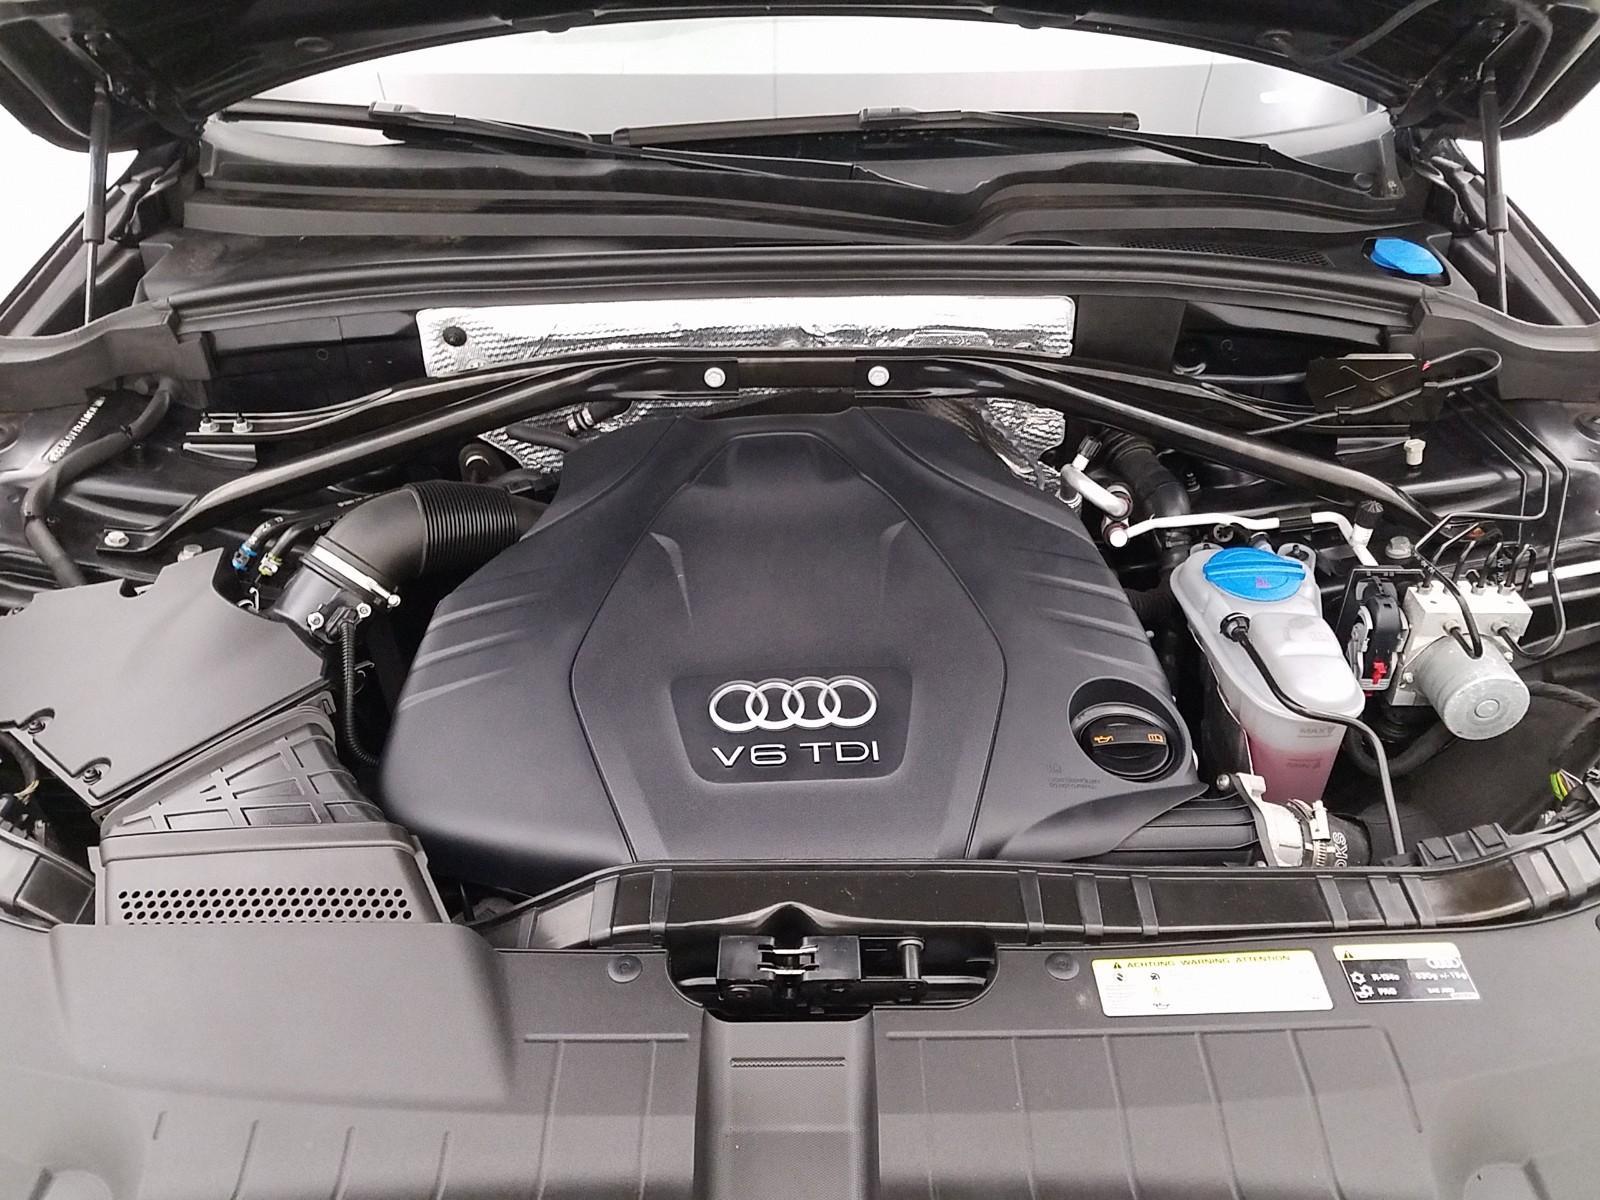 Used 2014 Audi Q5 Premium Plus quattro in Des Plaines